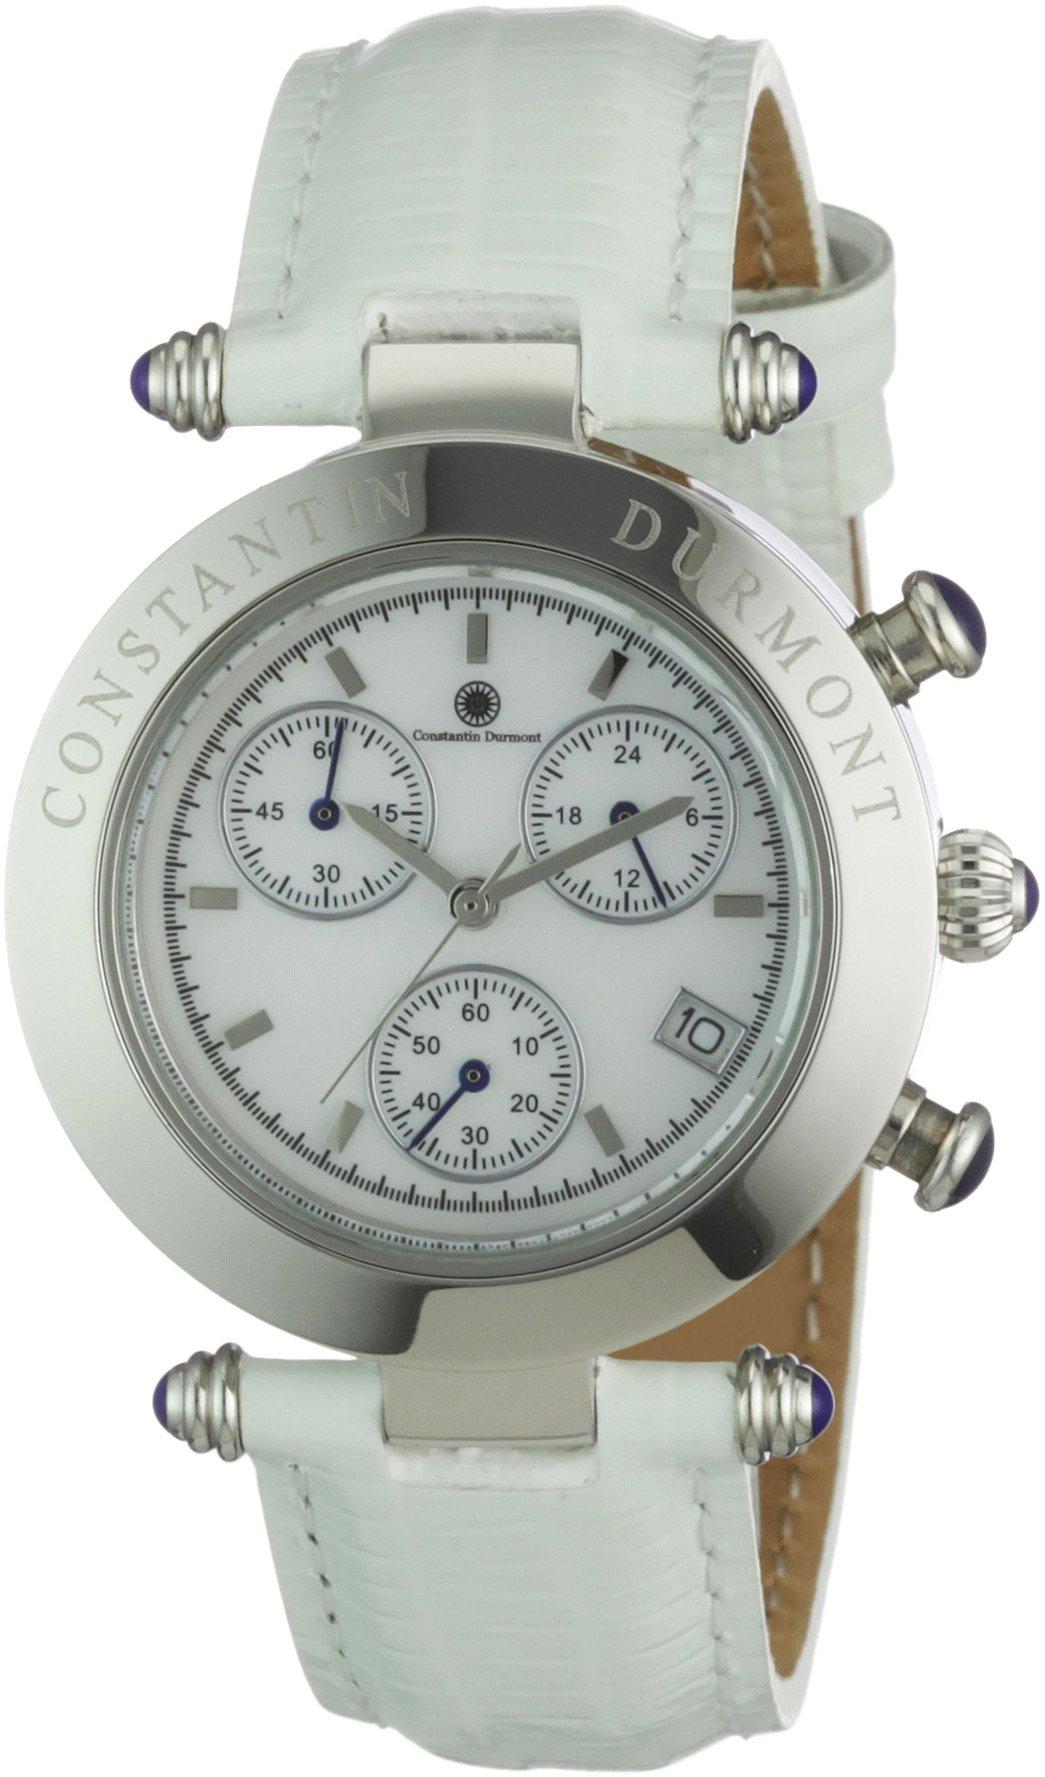 Constantin-Durmont-Damen-Armbanduhr-Visage-CD-VISL-QZ-LT-STST-WH